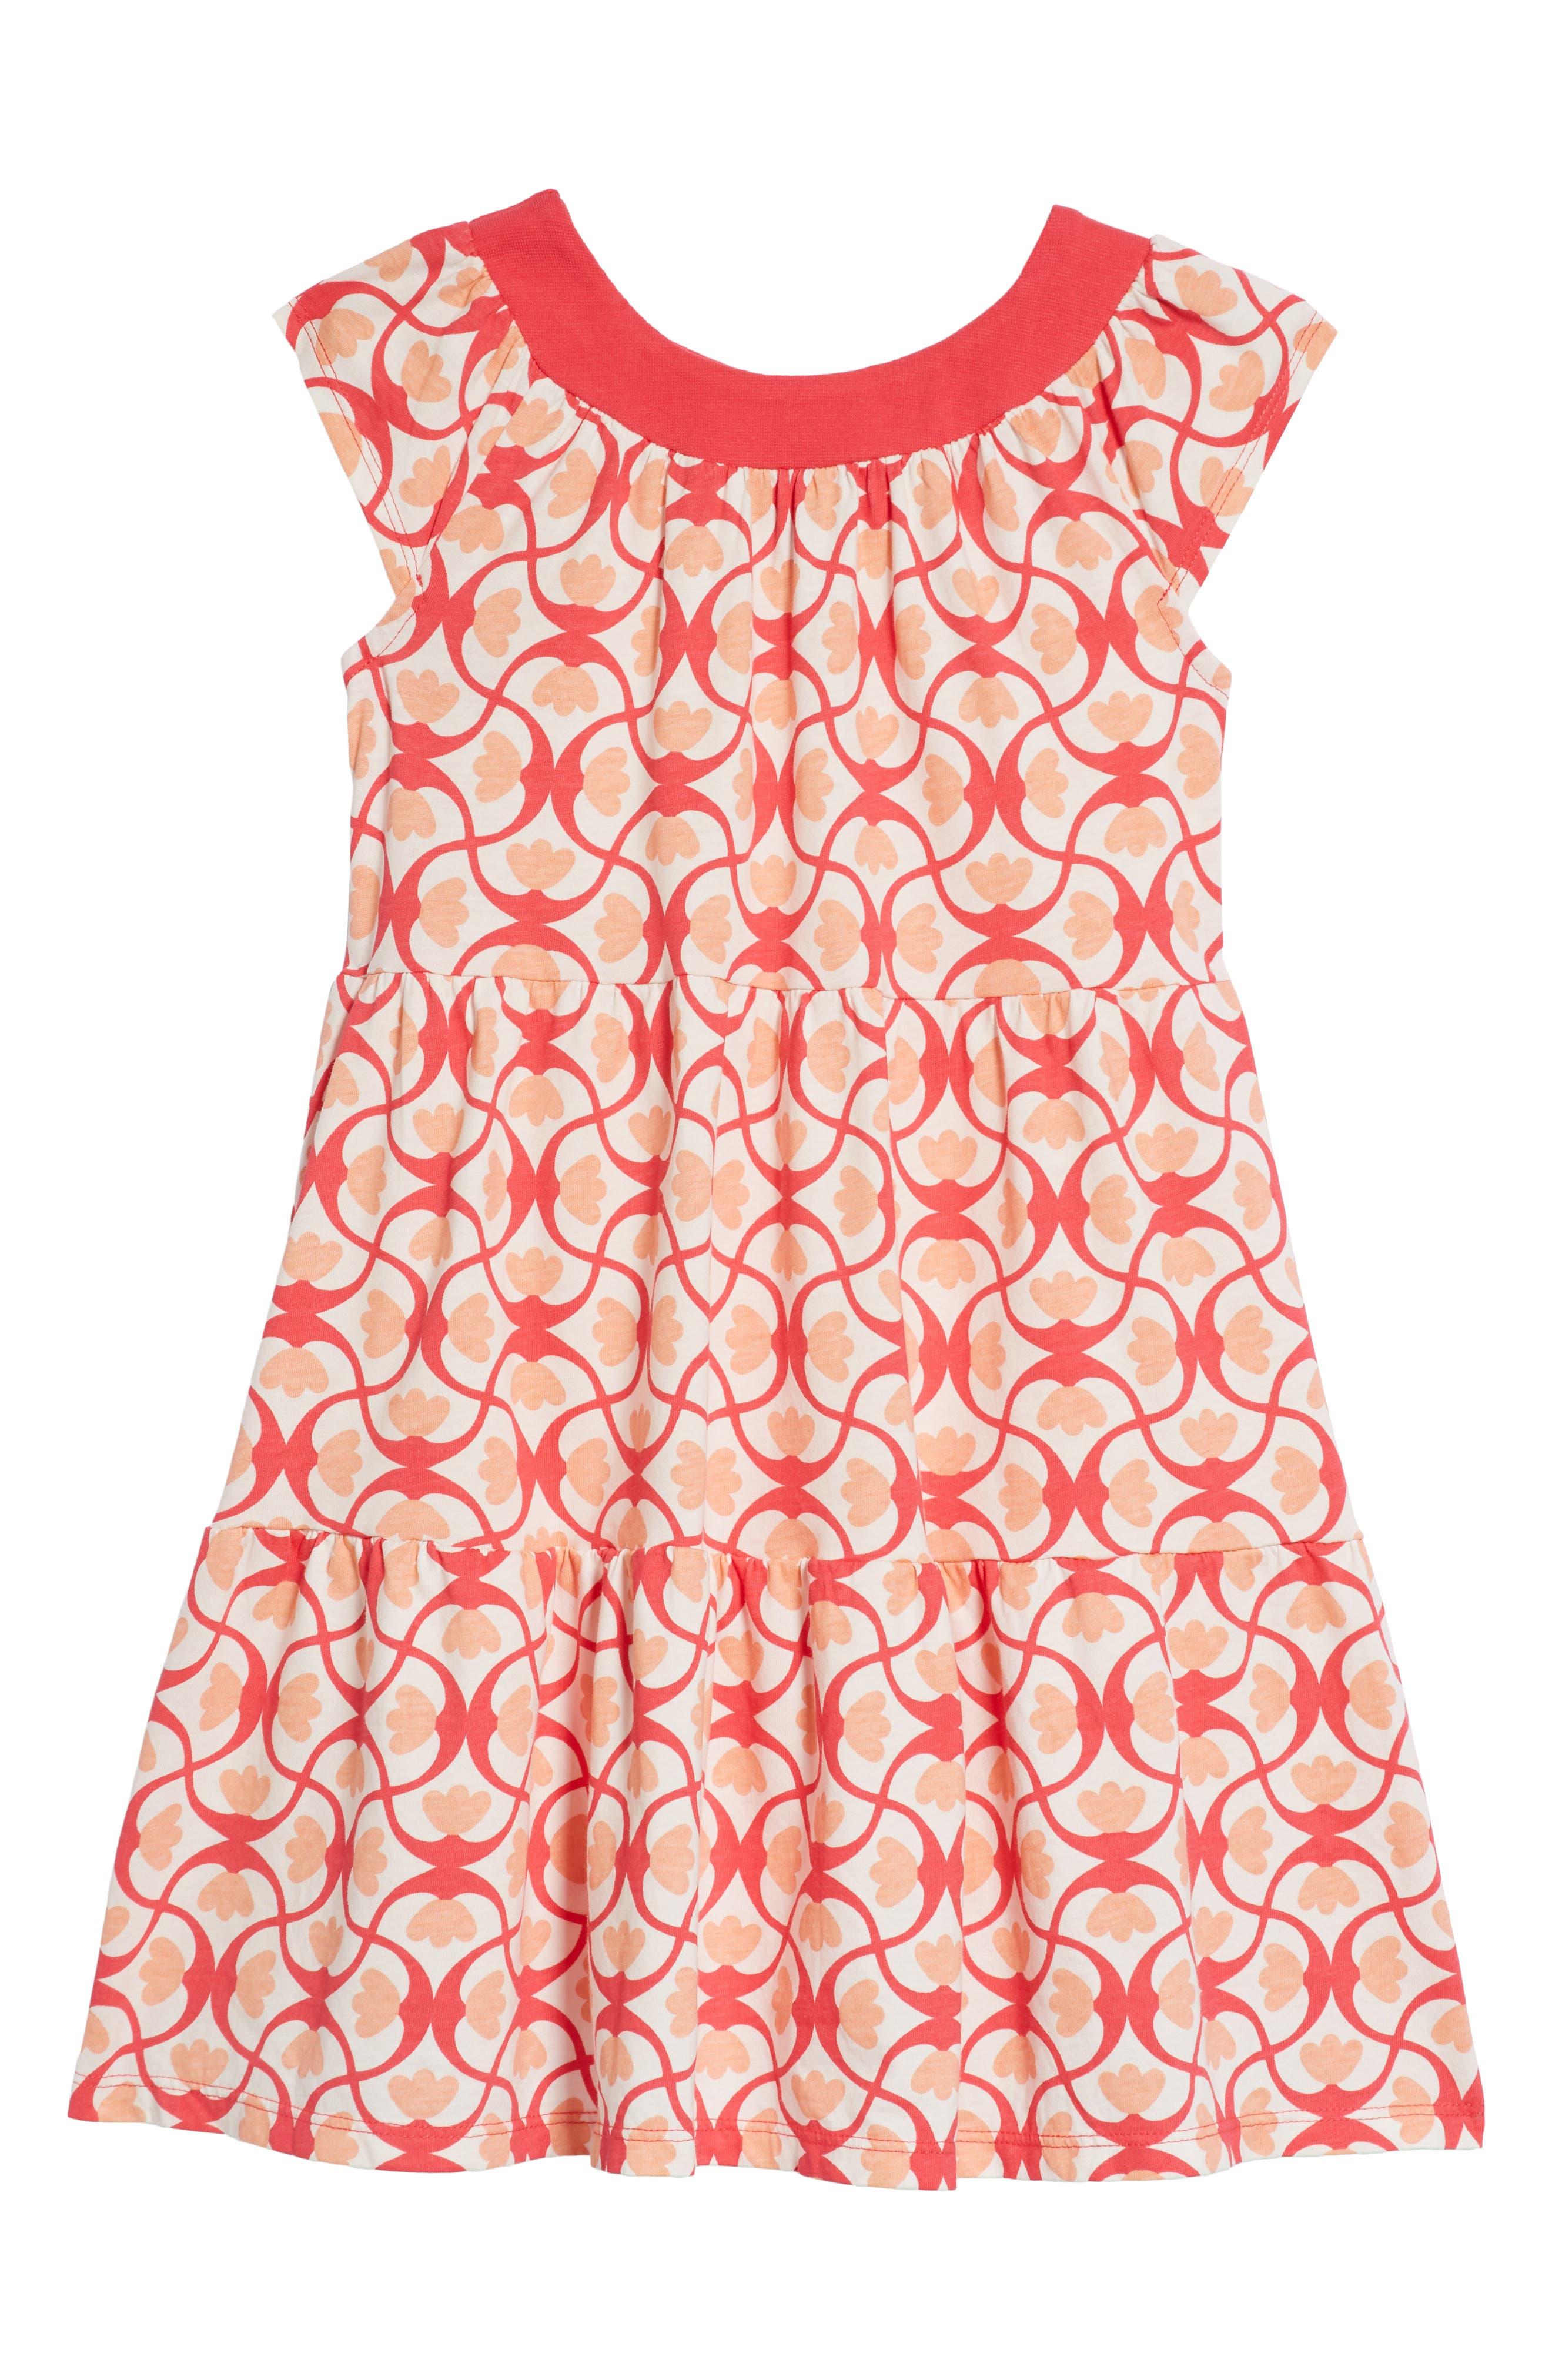 Tile Print Twirl Dress,                             Main thumbnail 1, color,                             Candy Apple Wave Tile